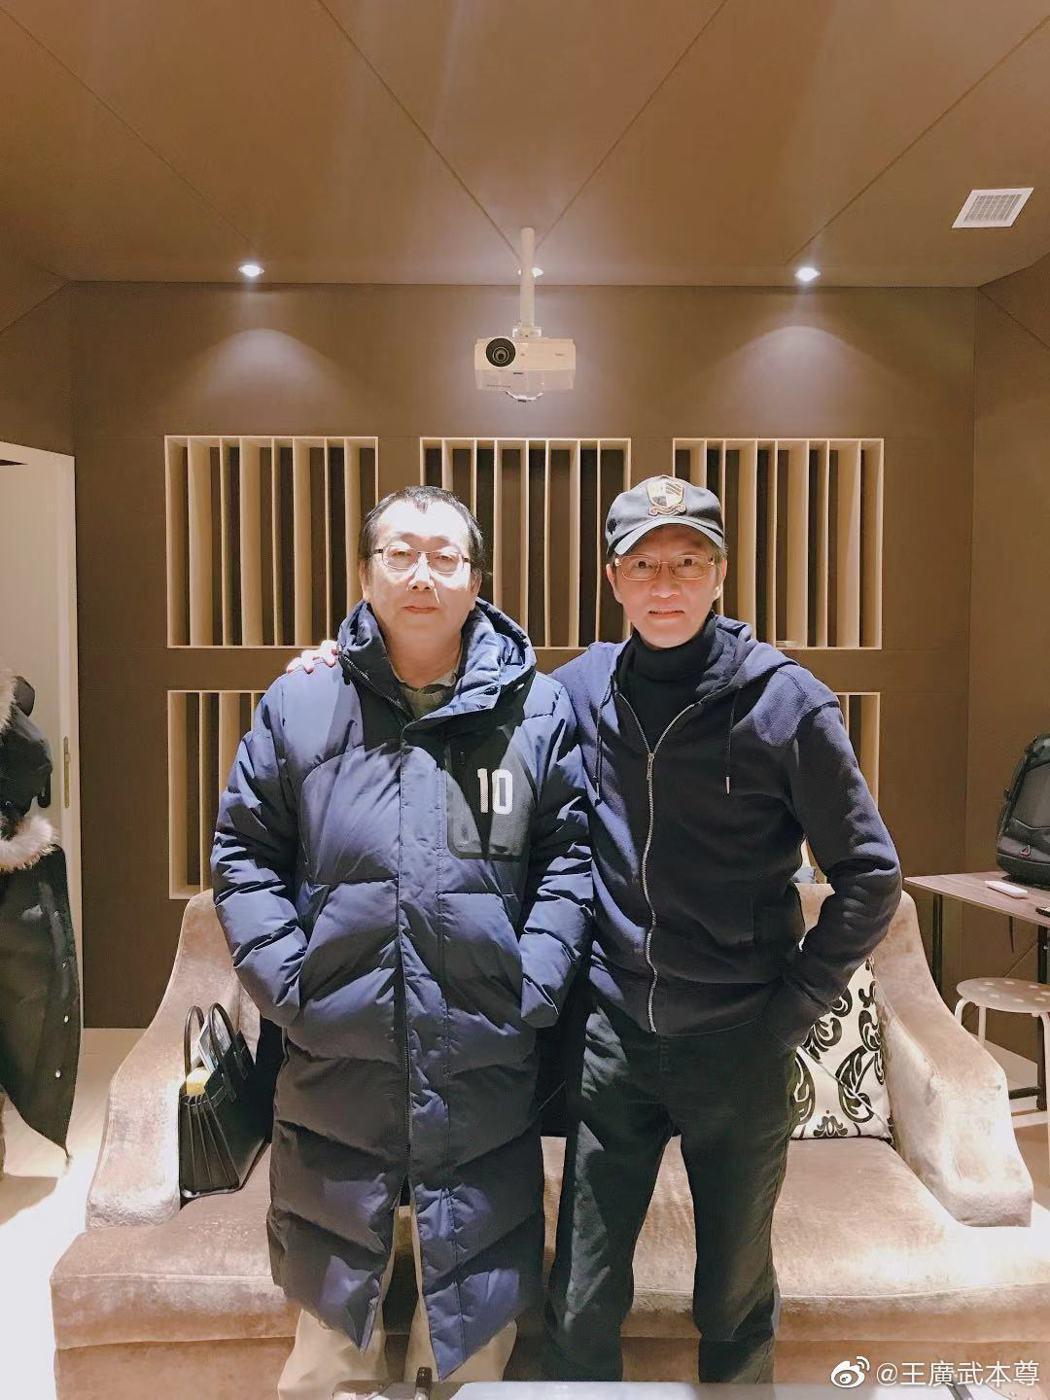 知名音樂製作人殷文琦(右)不敵病魔逝世,享年54歲。圖/摘自微博